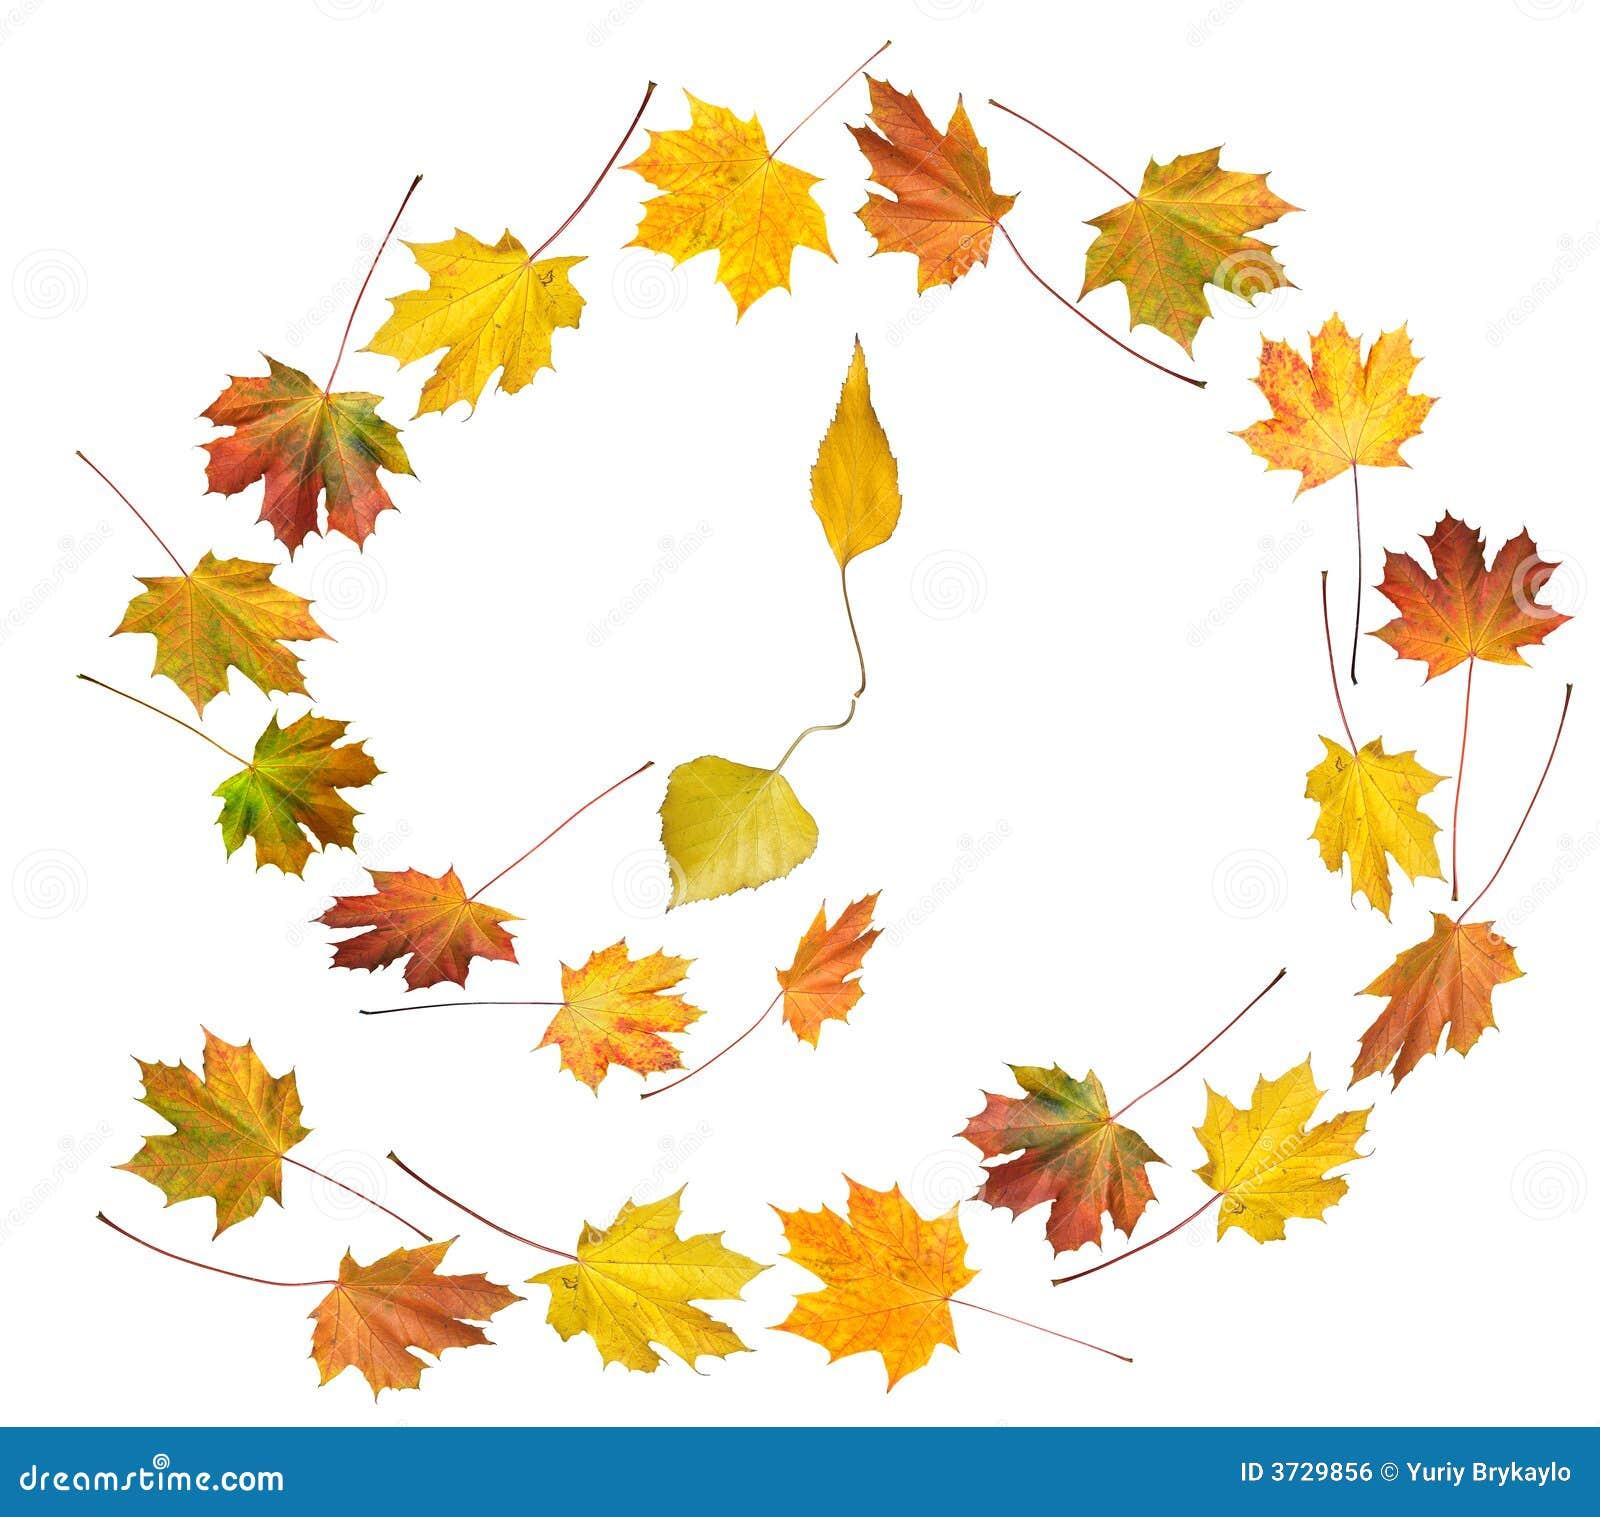 秋季舞蹈时间图片